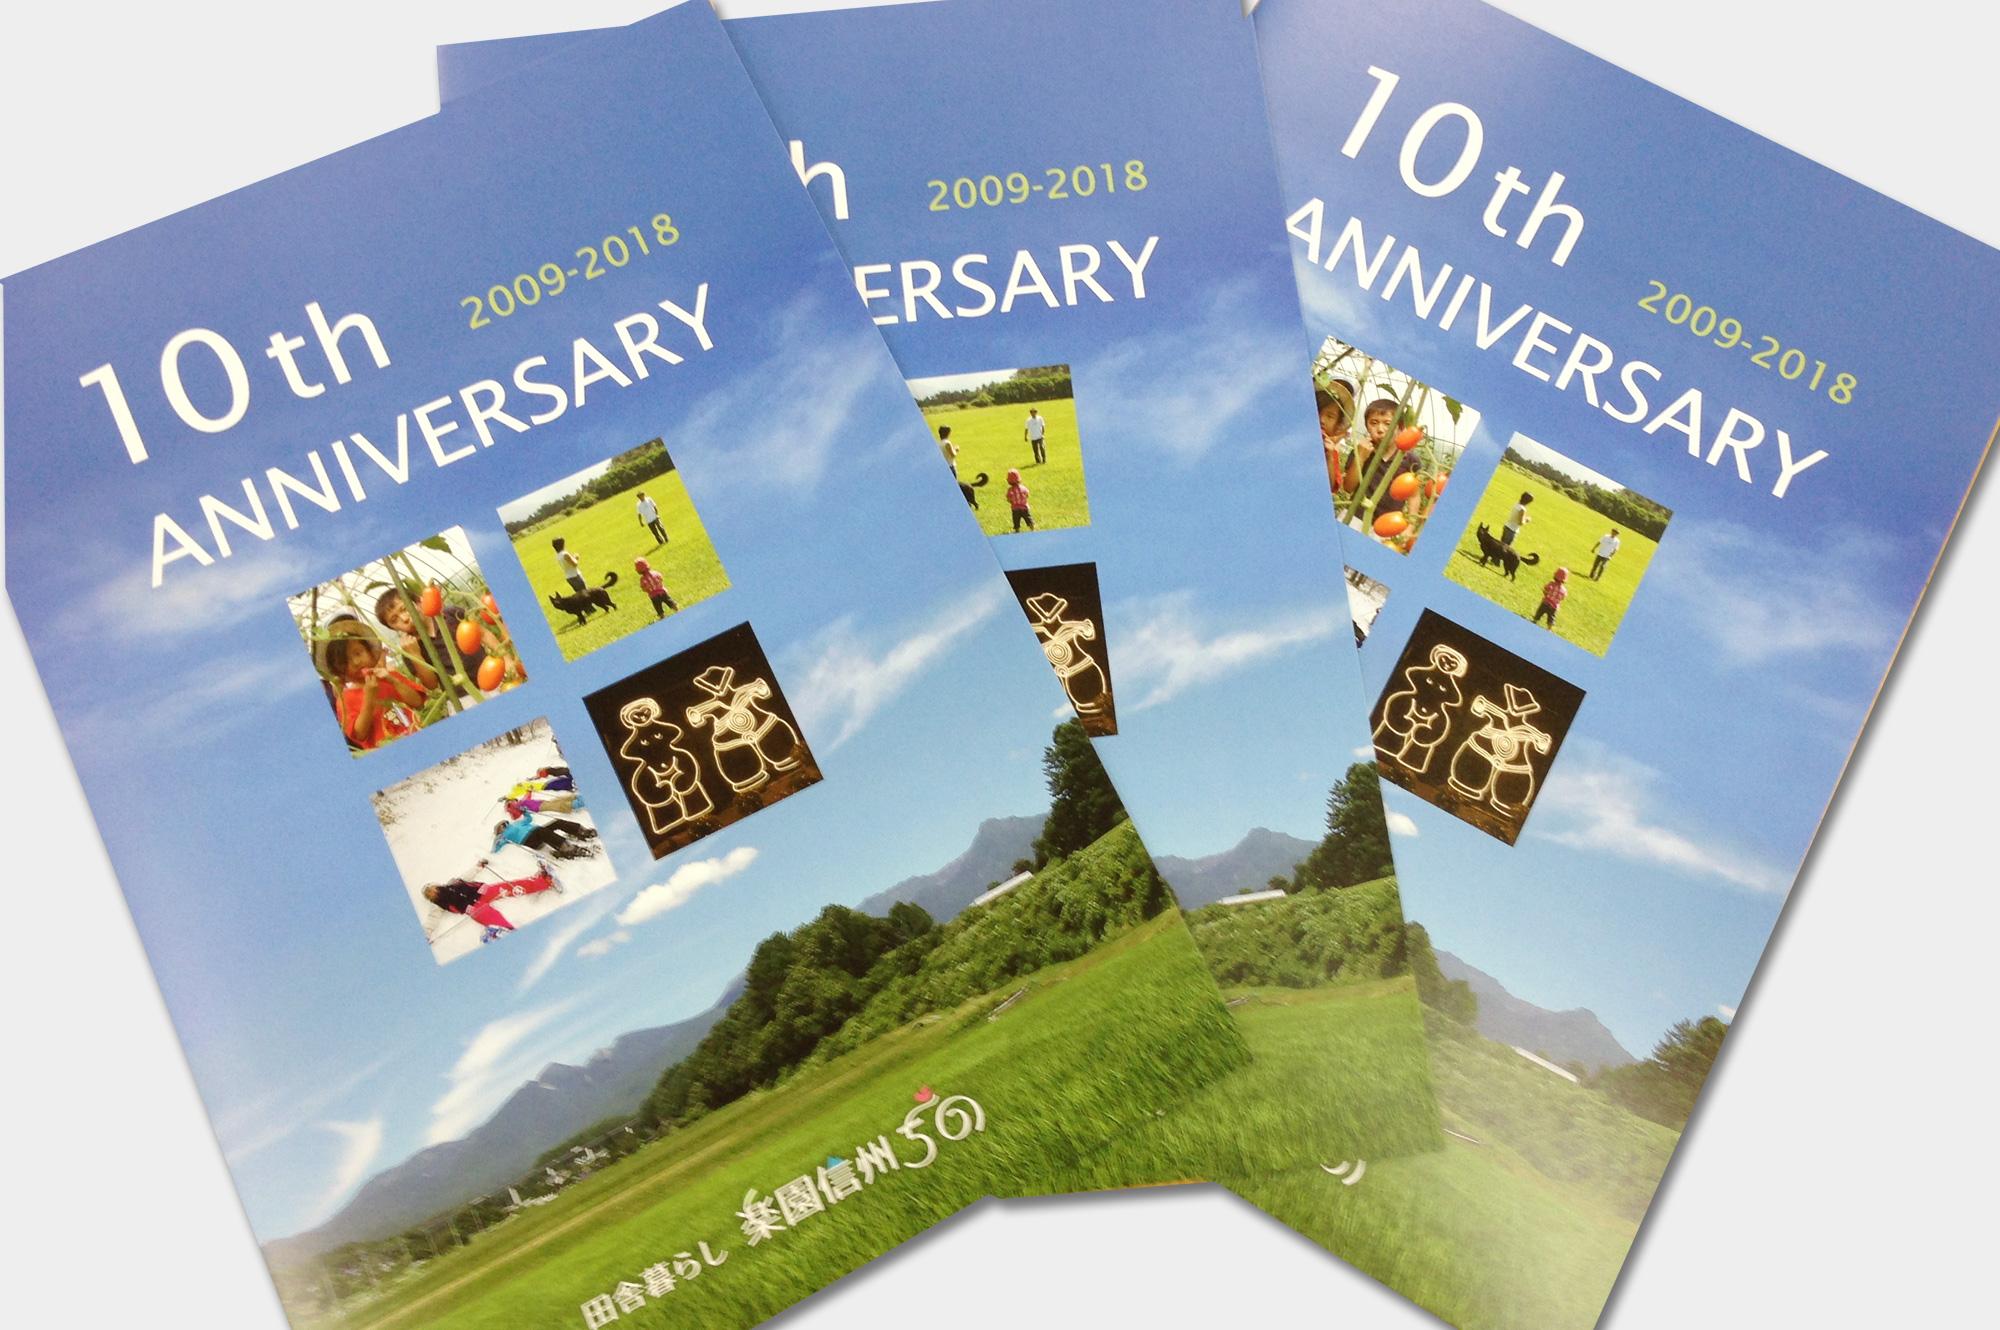 パンフレット(楽園信州ちの様10周年記念誌)